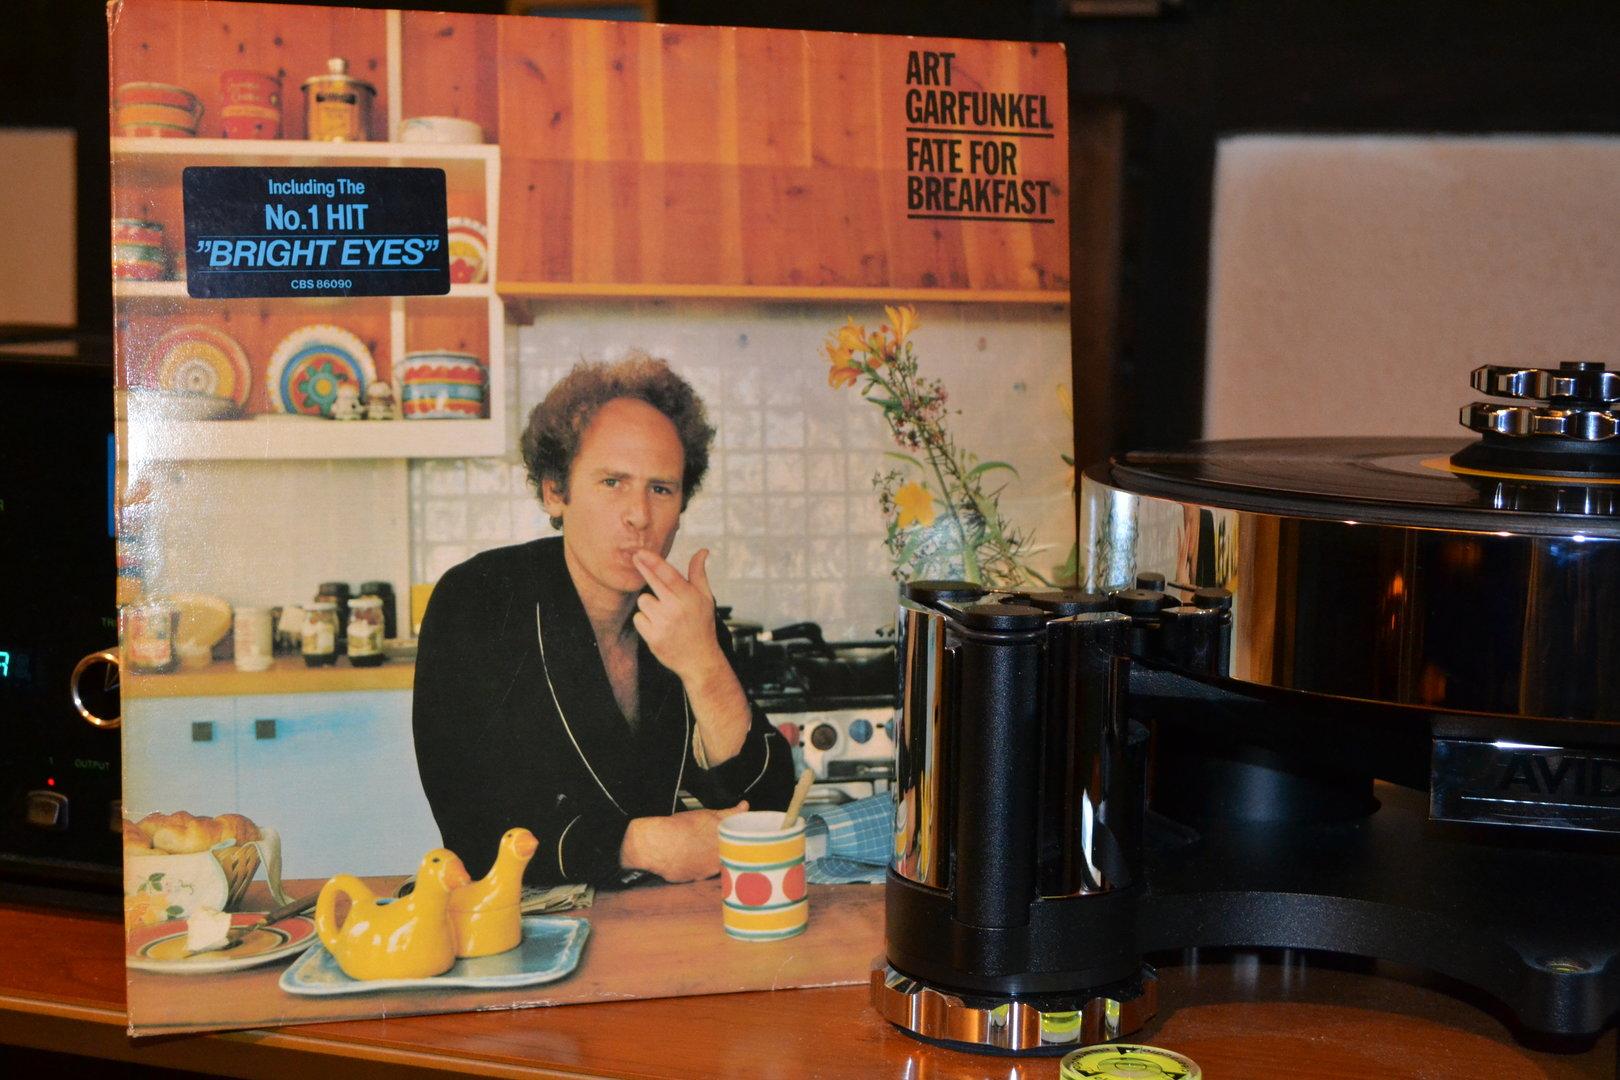 Art garfunkel faith For Breakfast 002.JPG